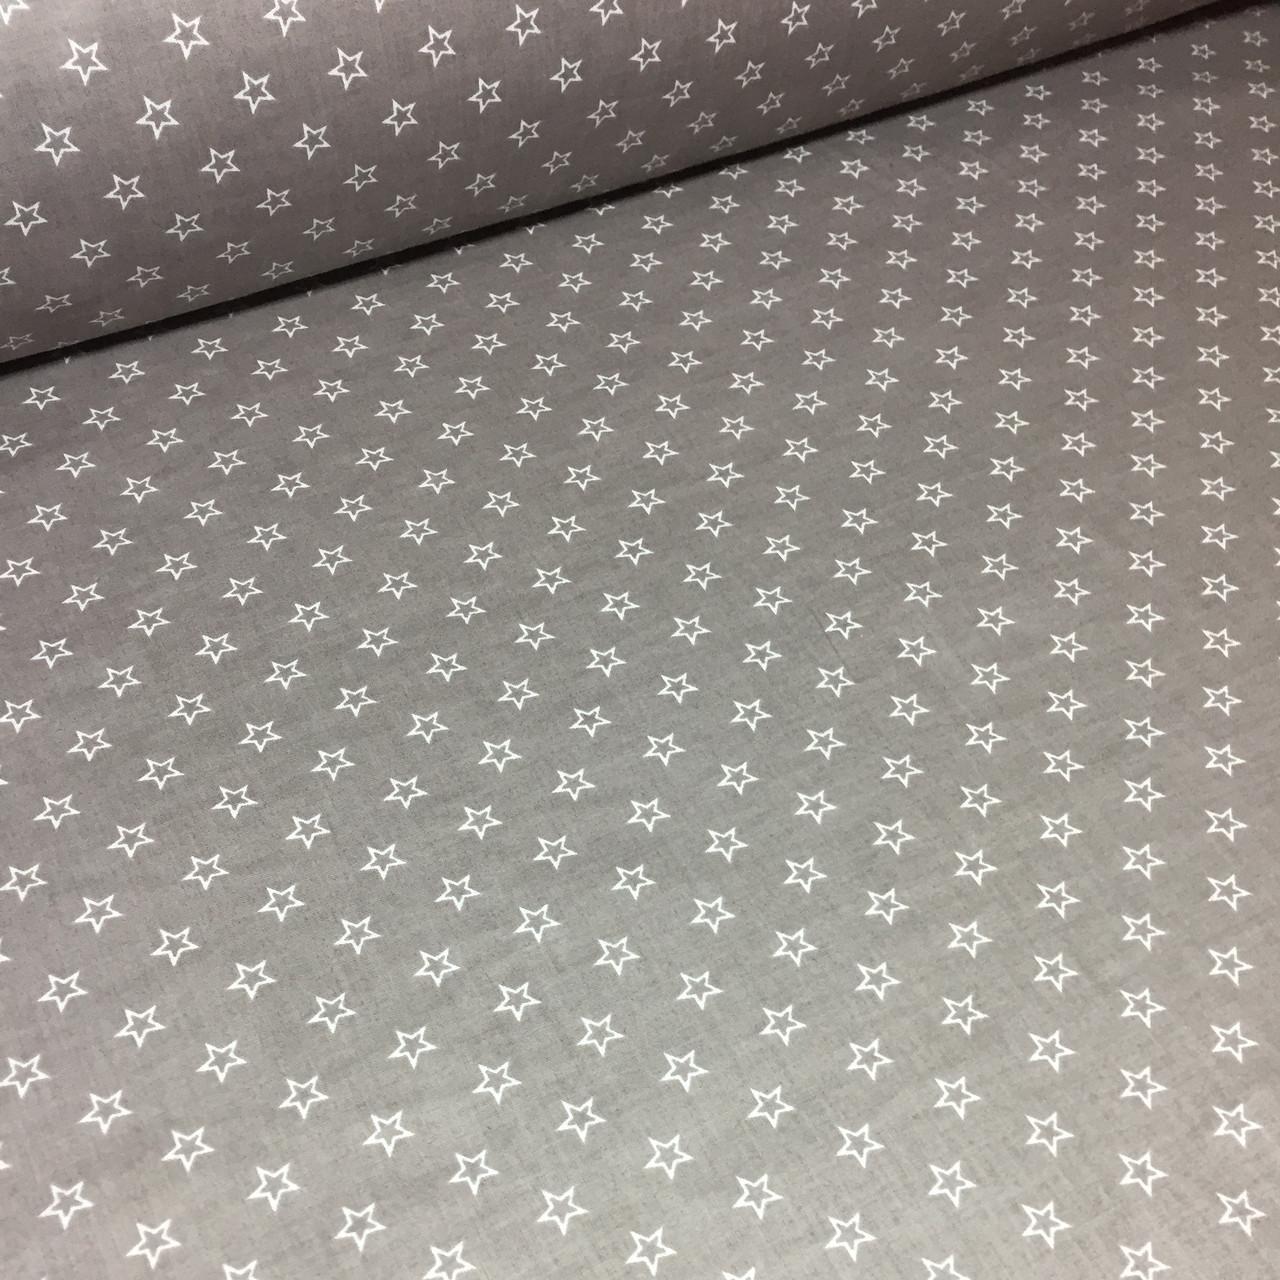 Хлопковая ткань польская шлифованная серо-белые звезды на сером №395